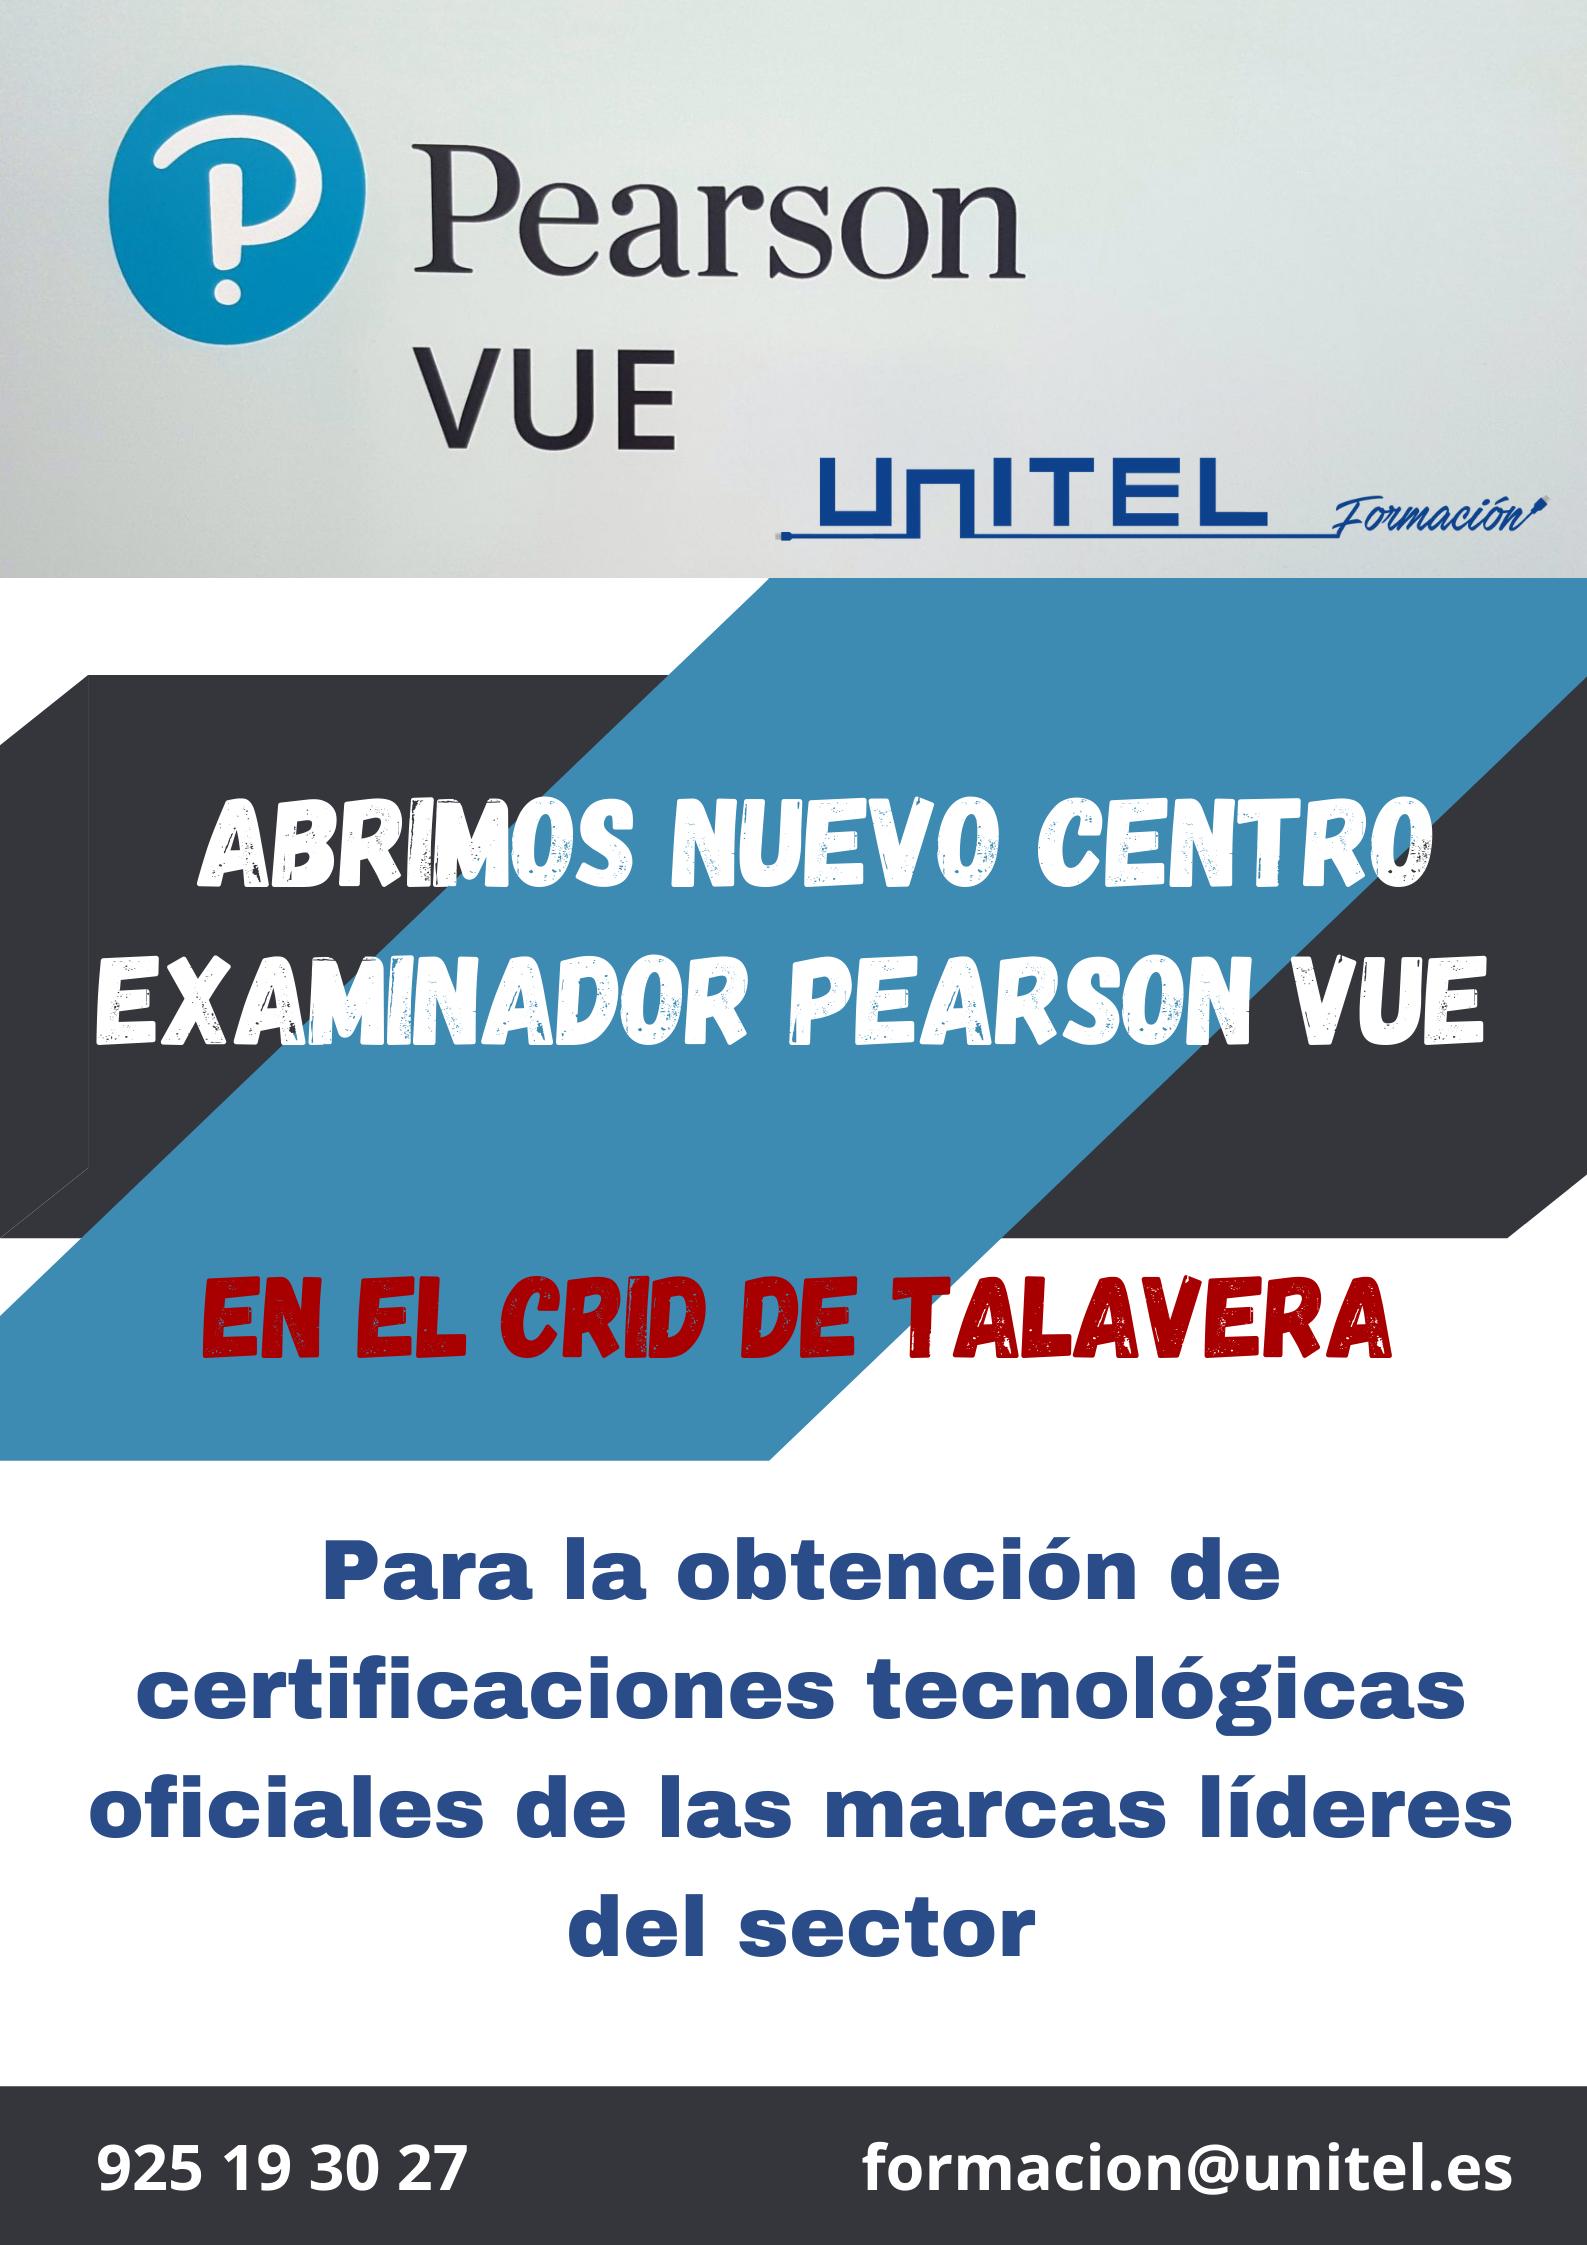 Pearson Vue en Talavera